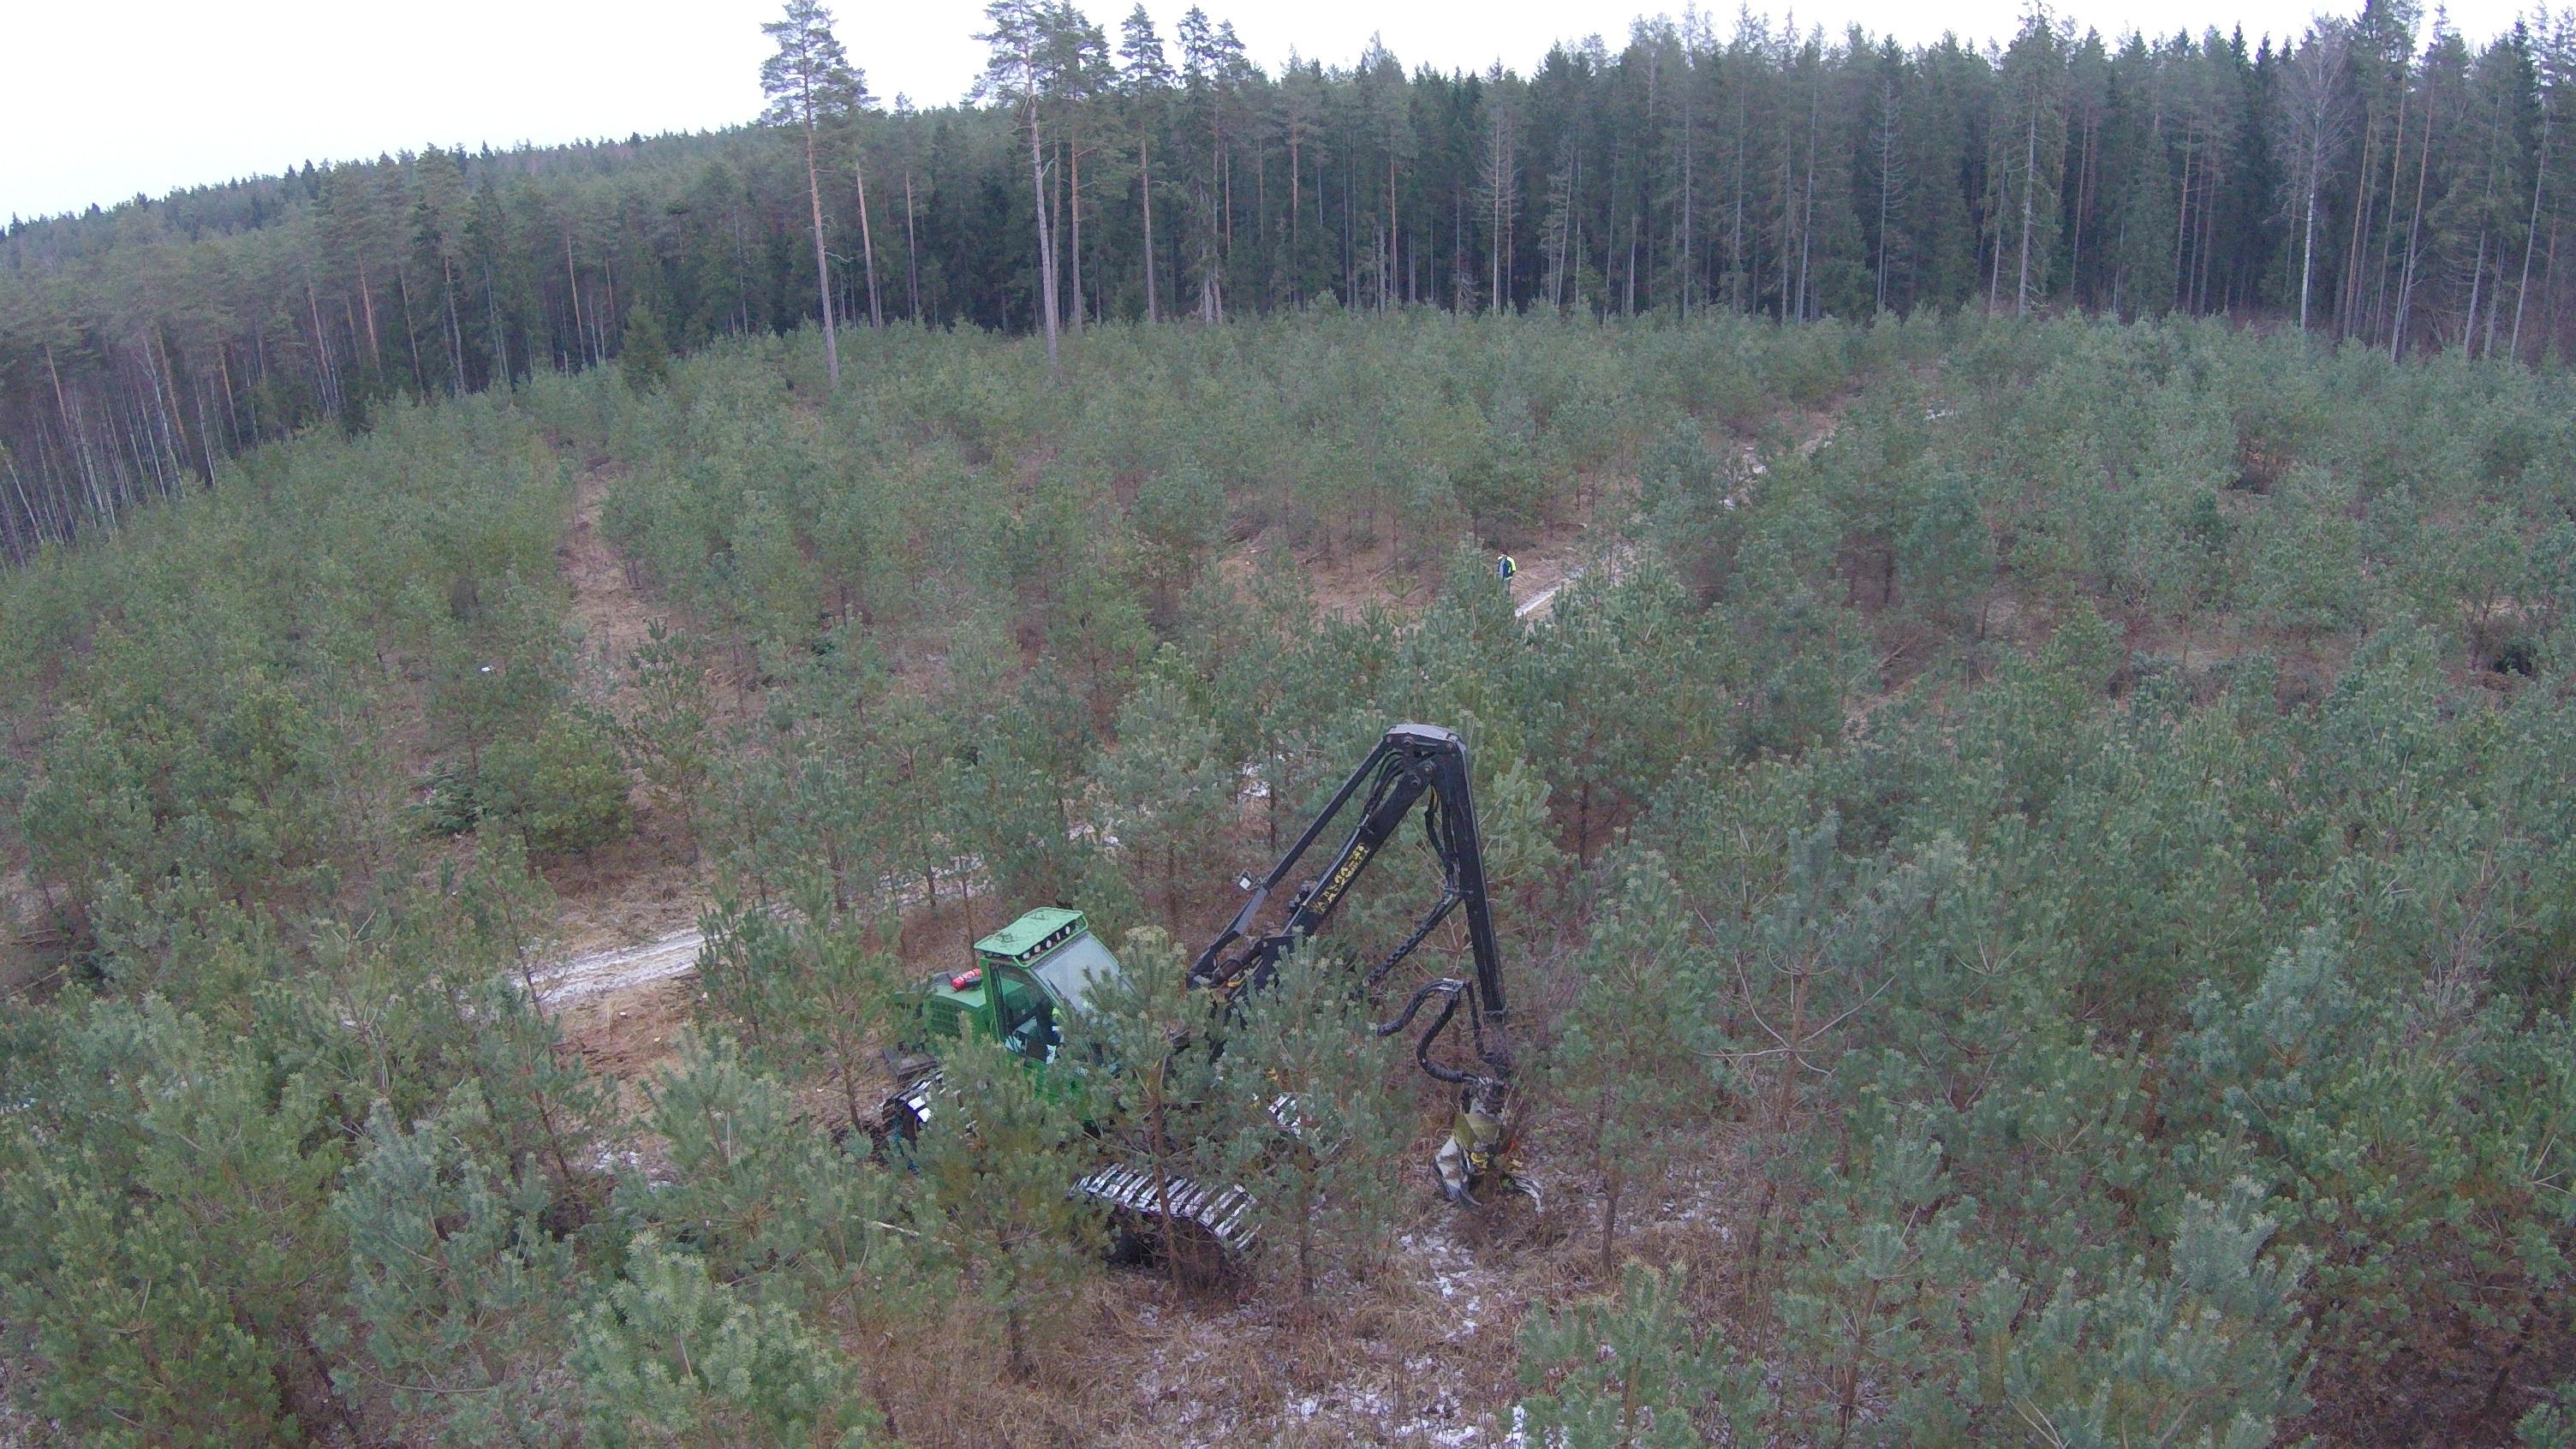 Enerģētiskās koksnes ieguve - Apmācību programma uzņēmējiem, kuri ir  iesaistīti mežsaimniecības nozarē